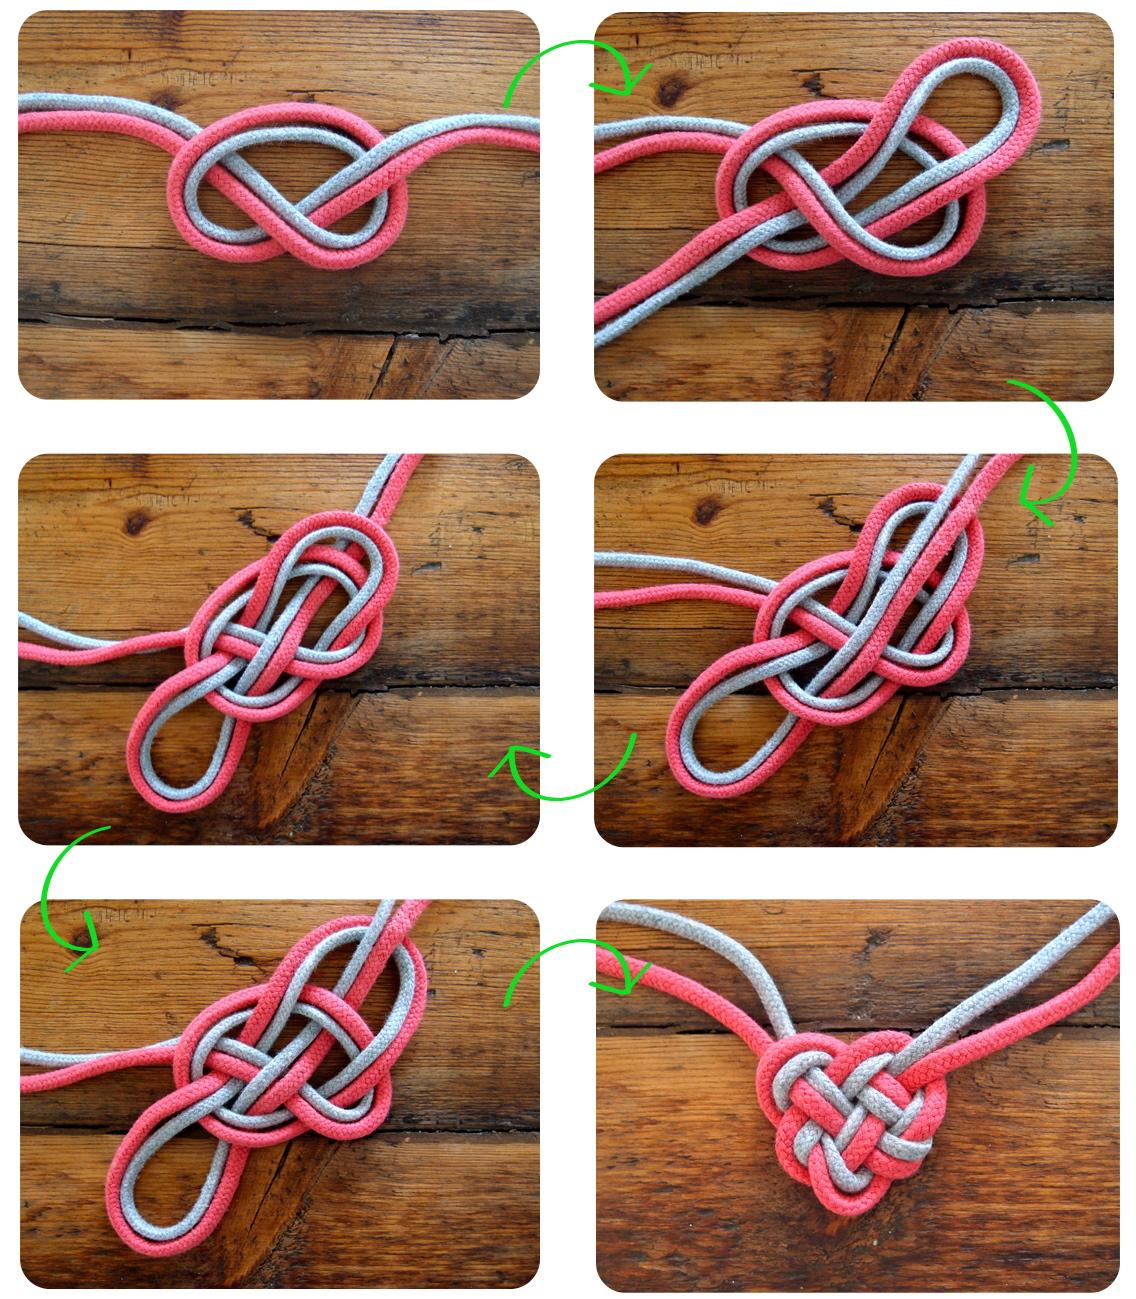 DIY Celtic heart knot necklace // Collier ficelle à noeud en